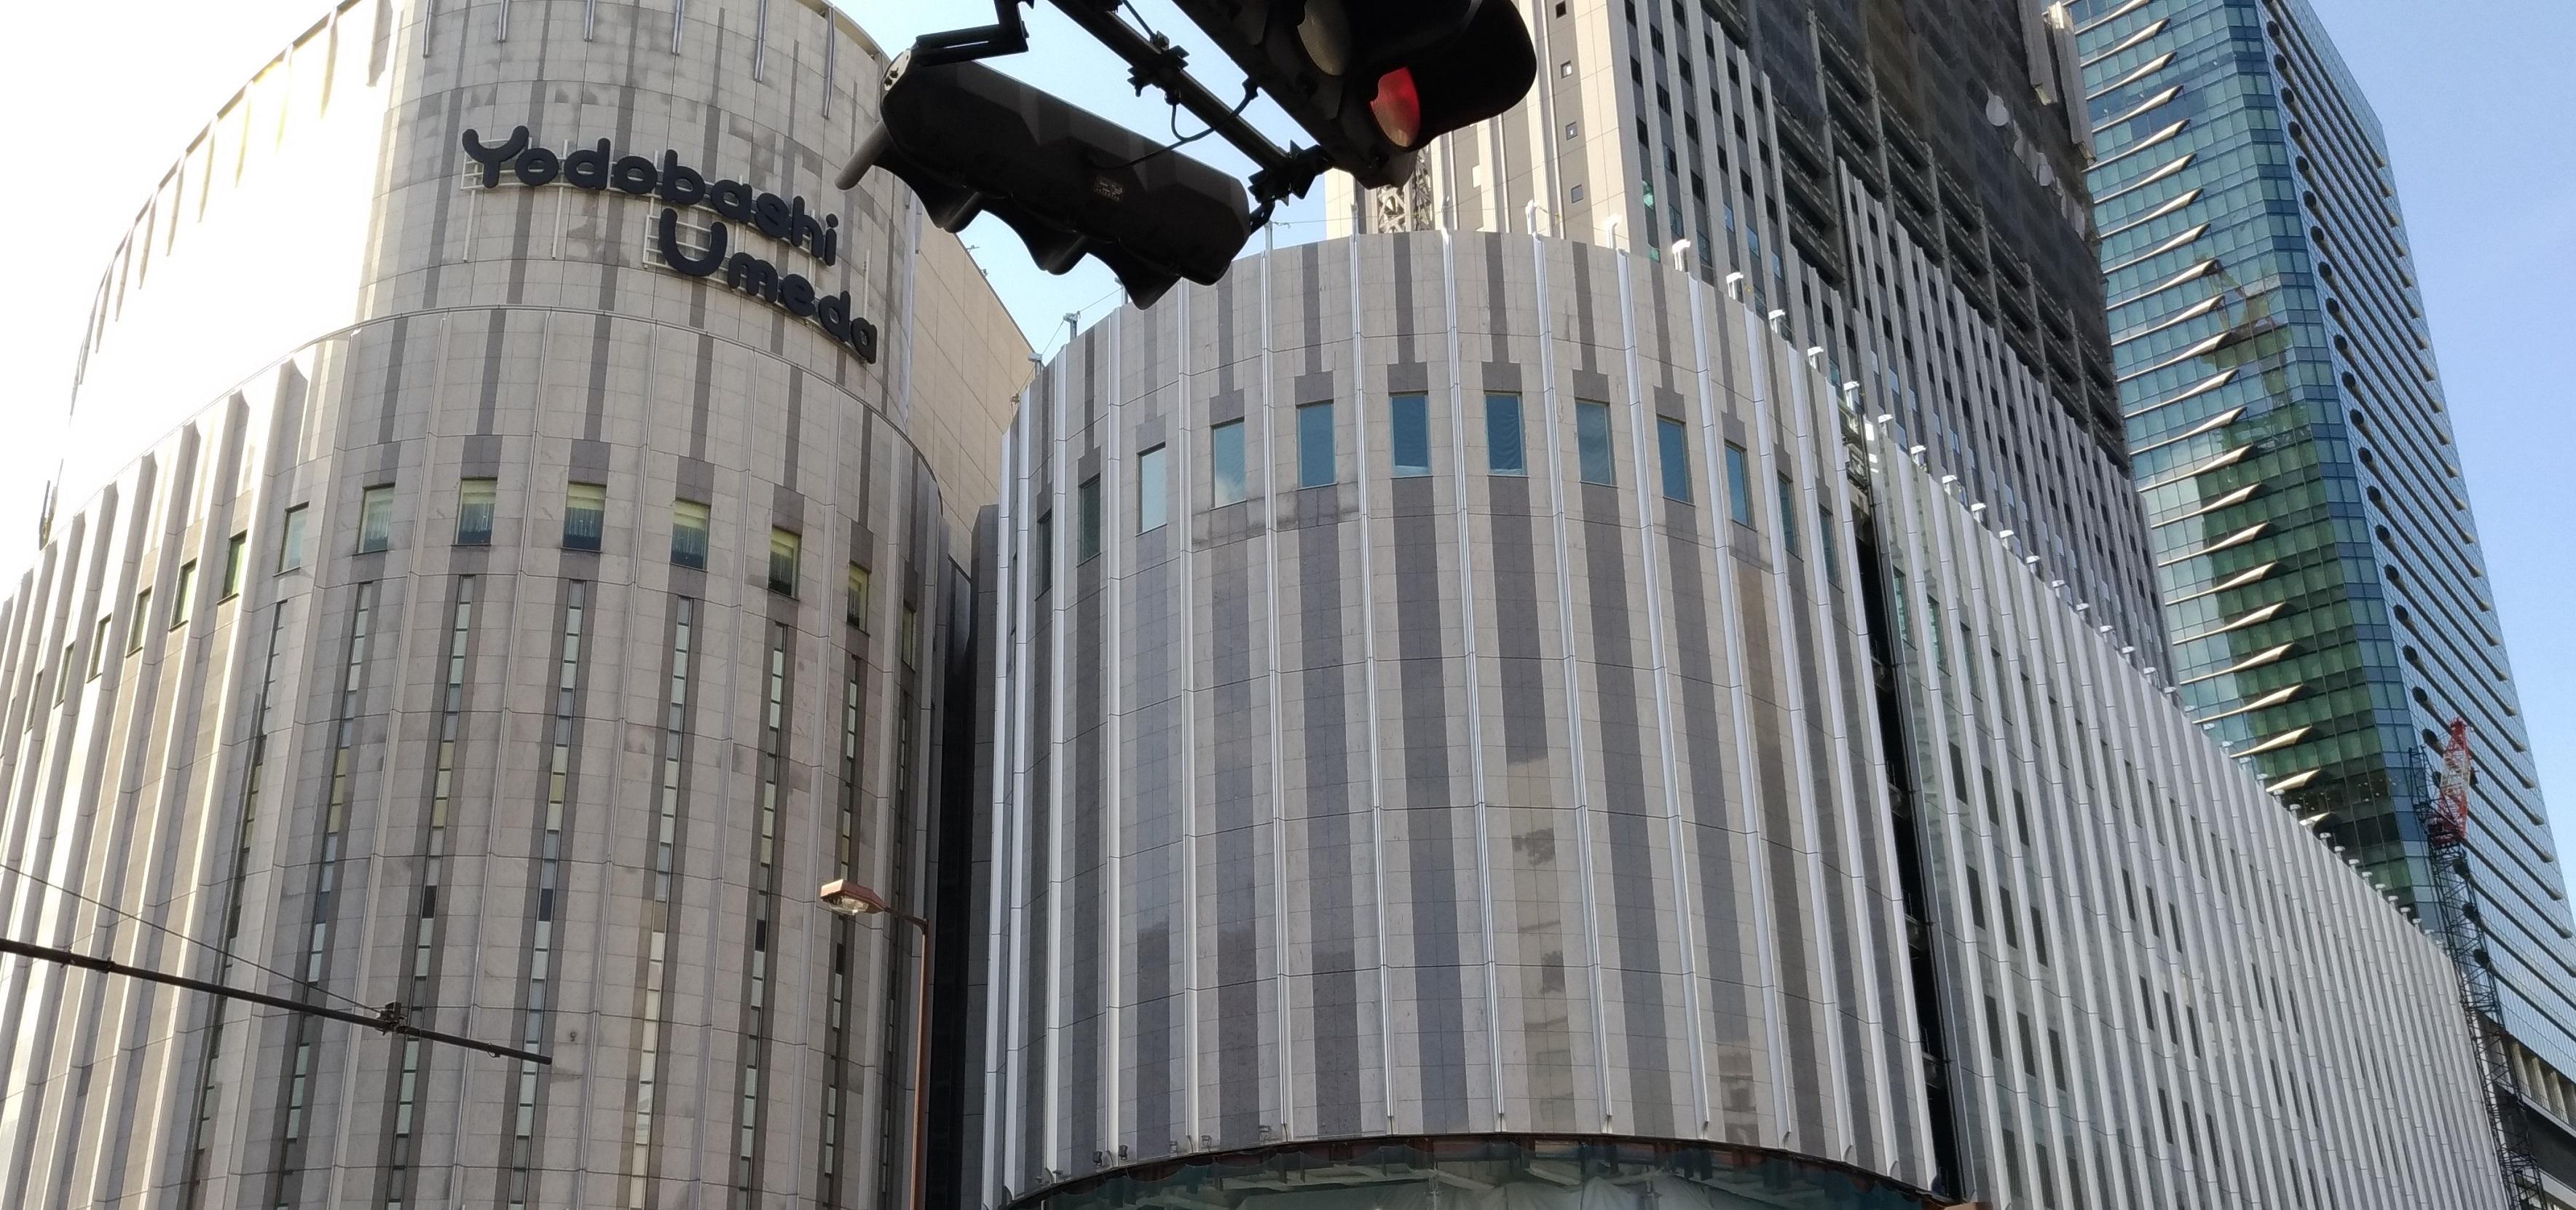 osaka_yodobashi_umeda_hotel1.jpg